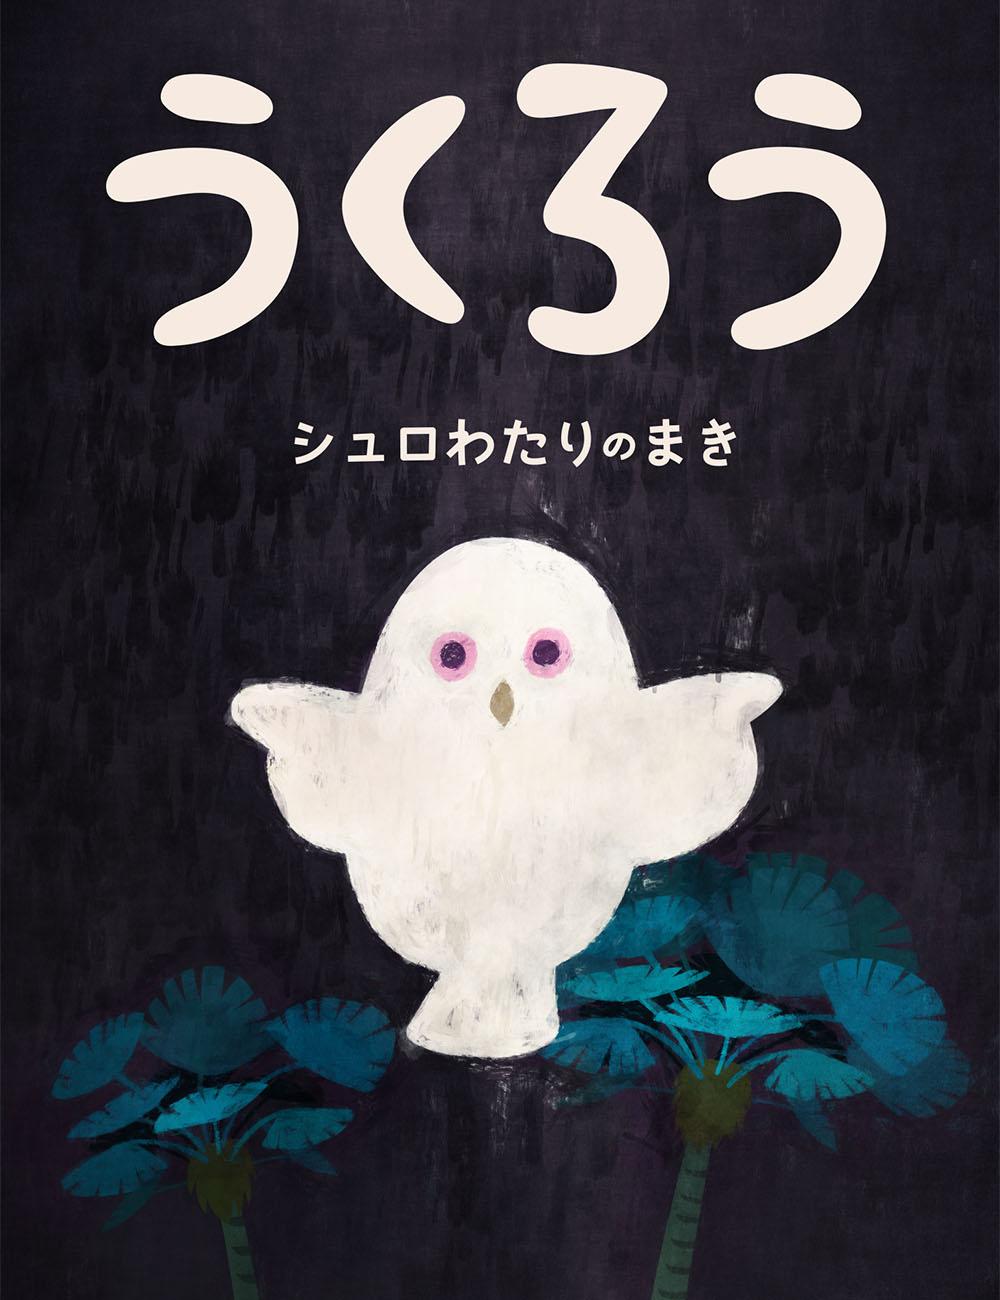 【電子書籍】うくろう シュロわたり 配信中!!